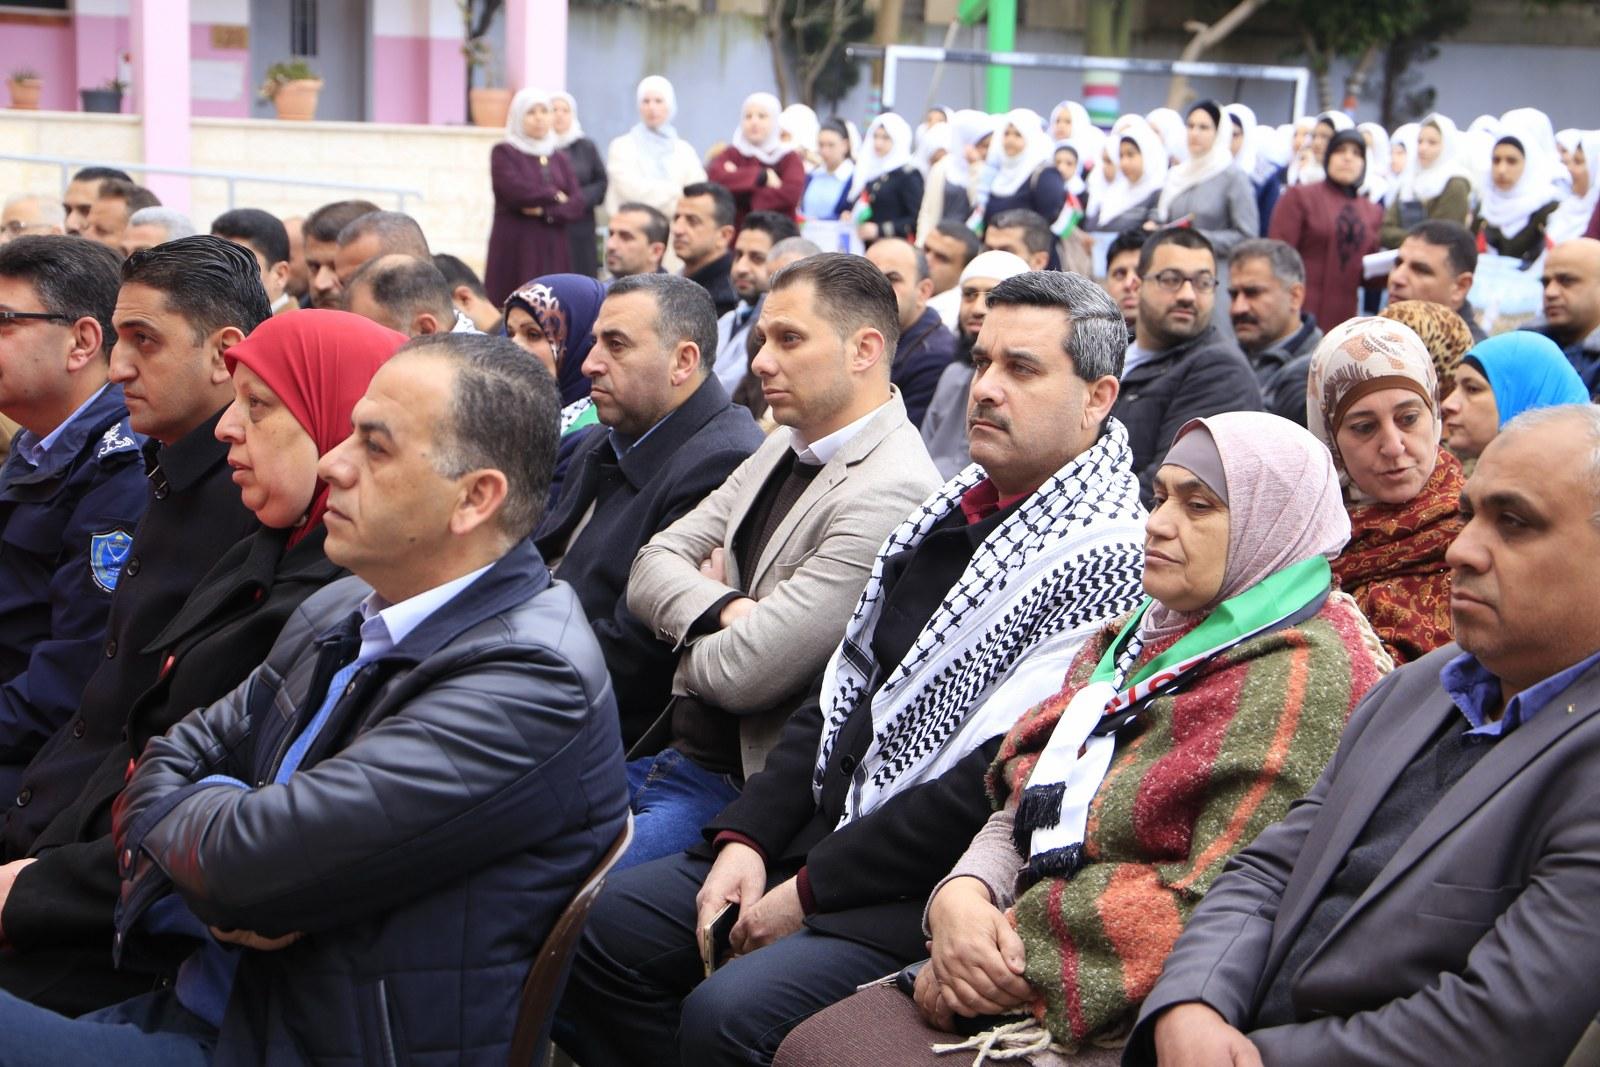 بلدية قلقيلية تشارك في الوقفة التضامنية مع الاسرى الابطال